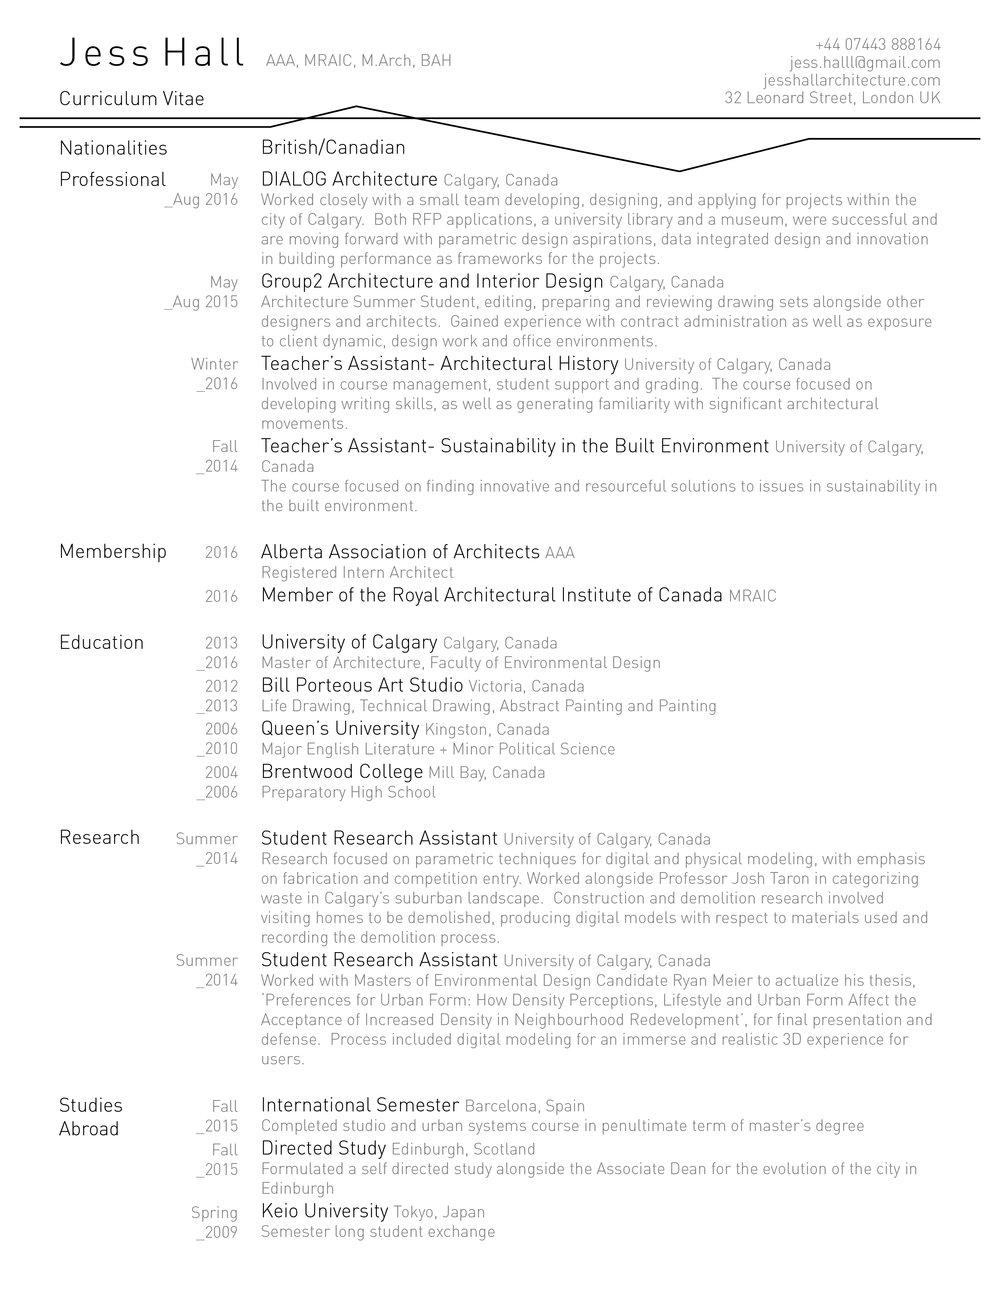 resume jess hall